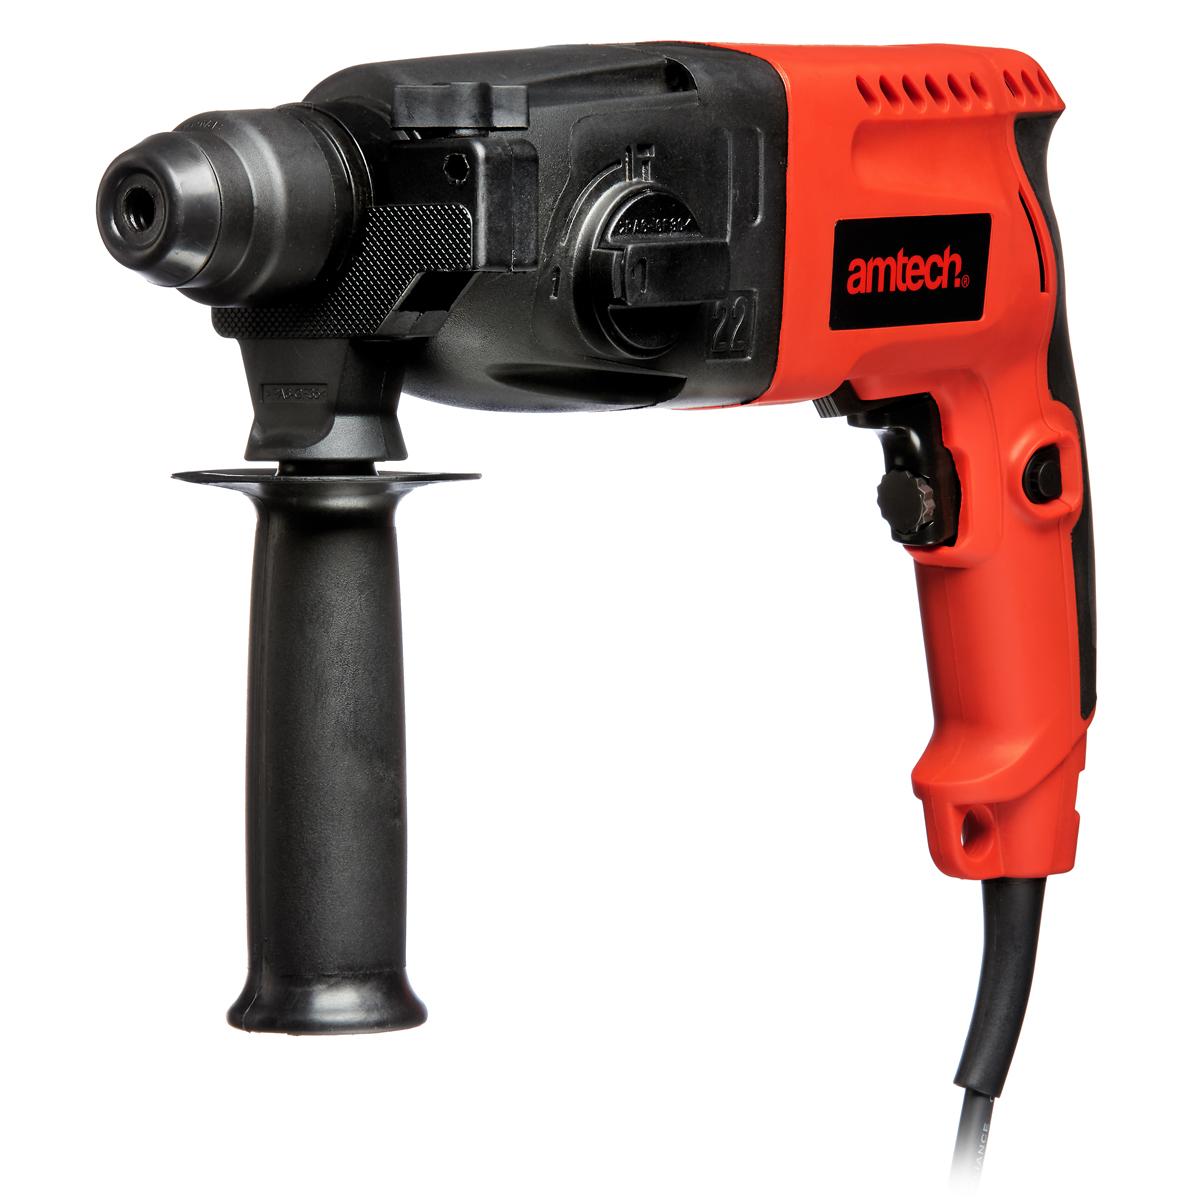 Amtech V6050 SDS rotary hammer drill